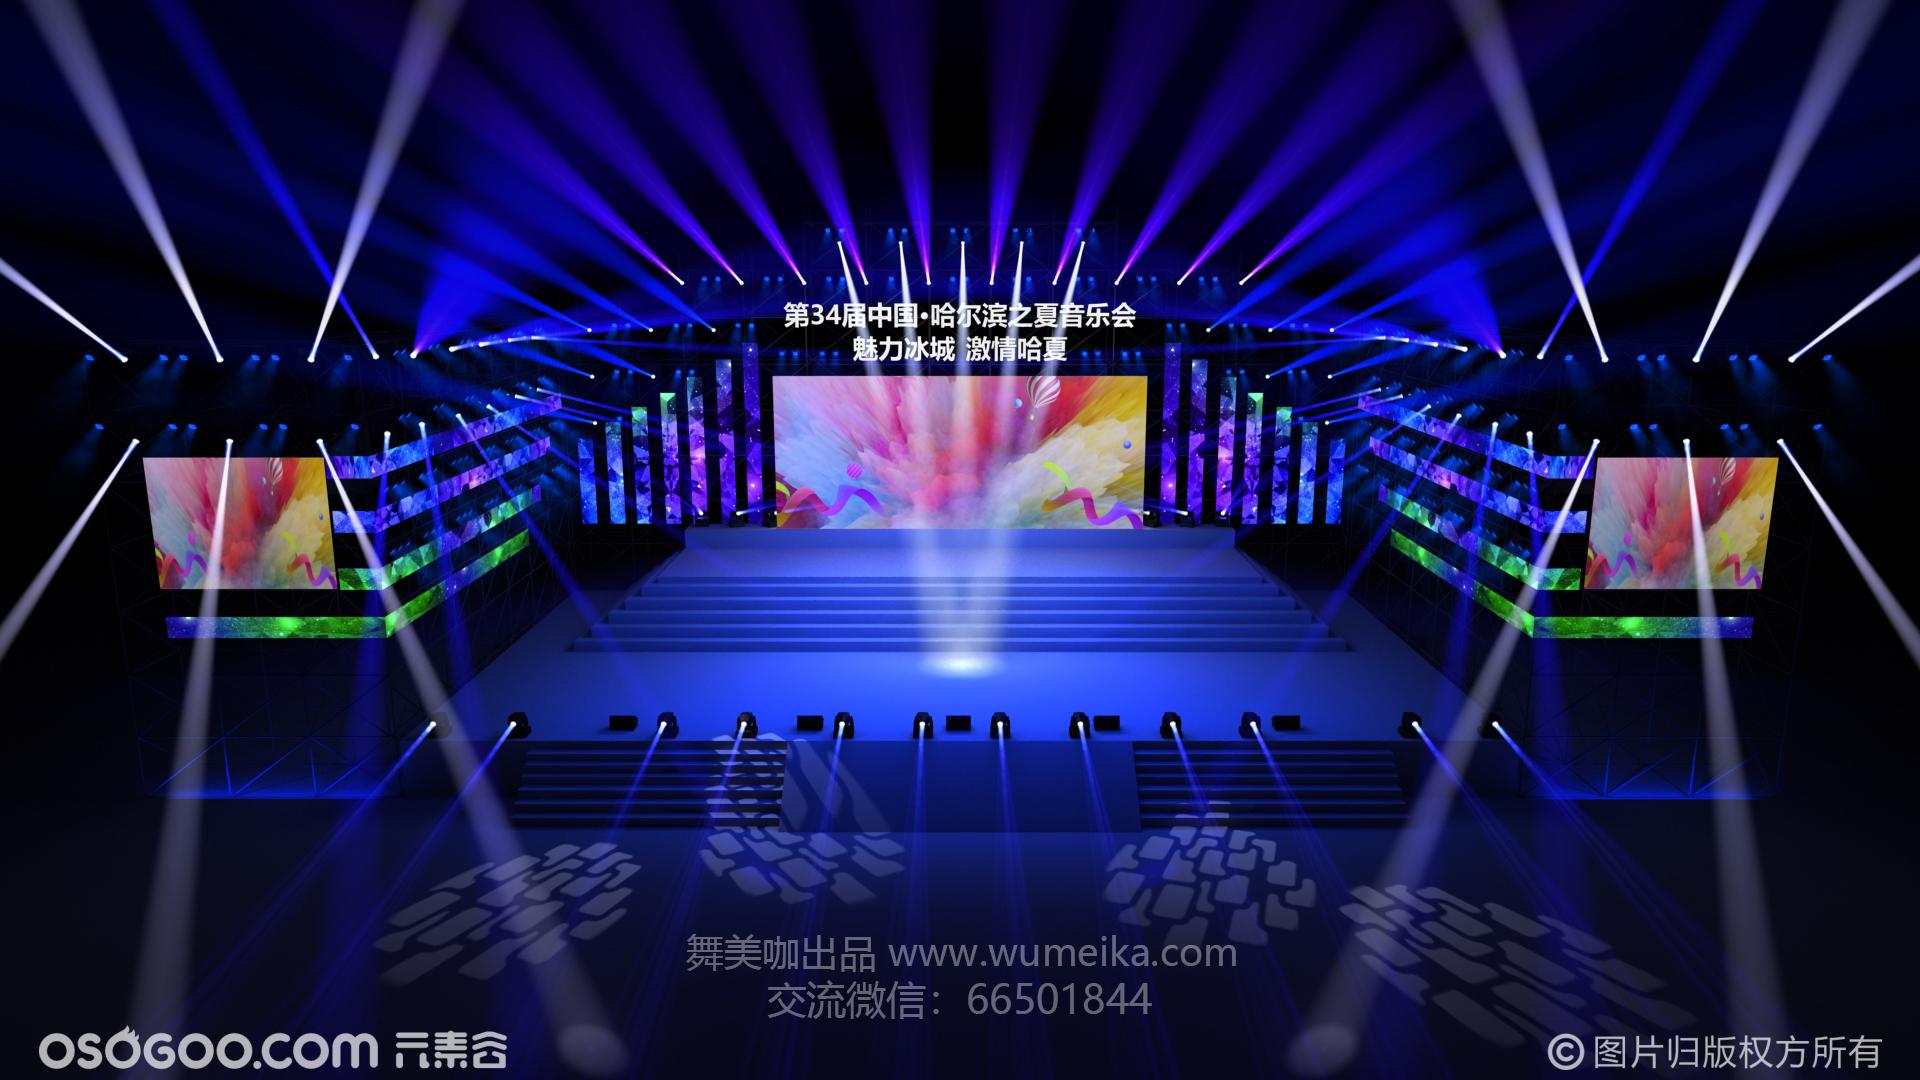 3Dmax哈夏音乐节舞美设计效果图